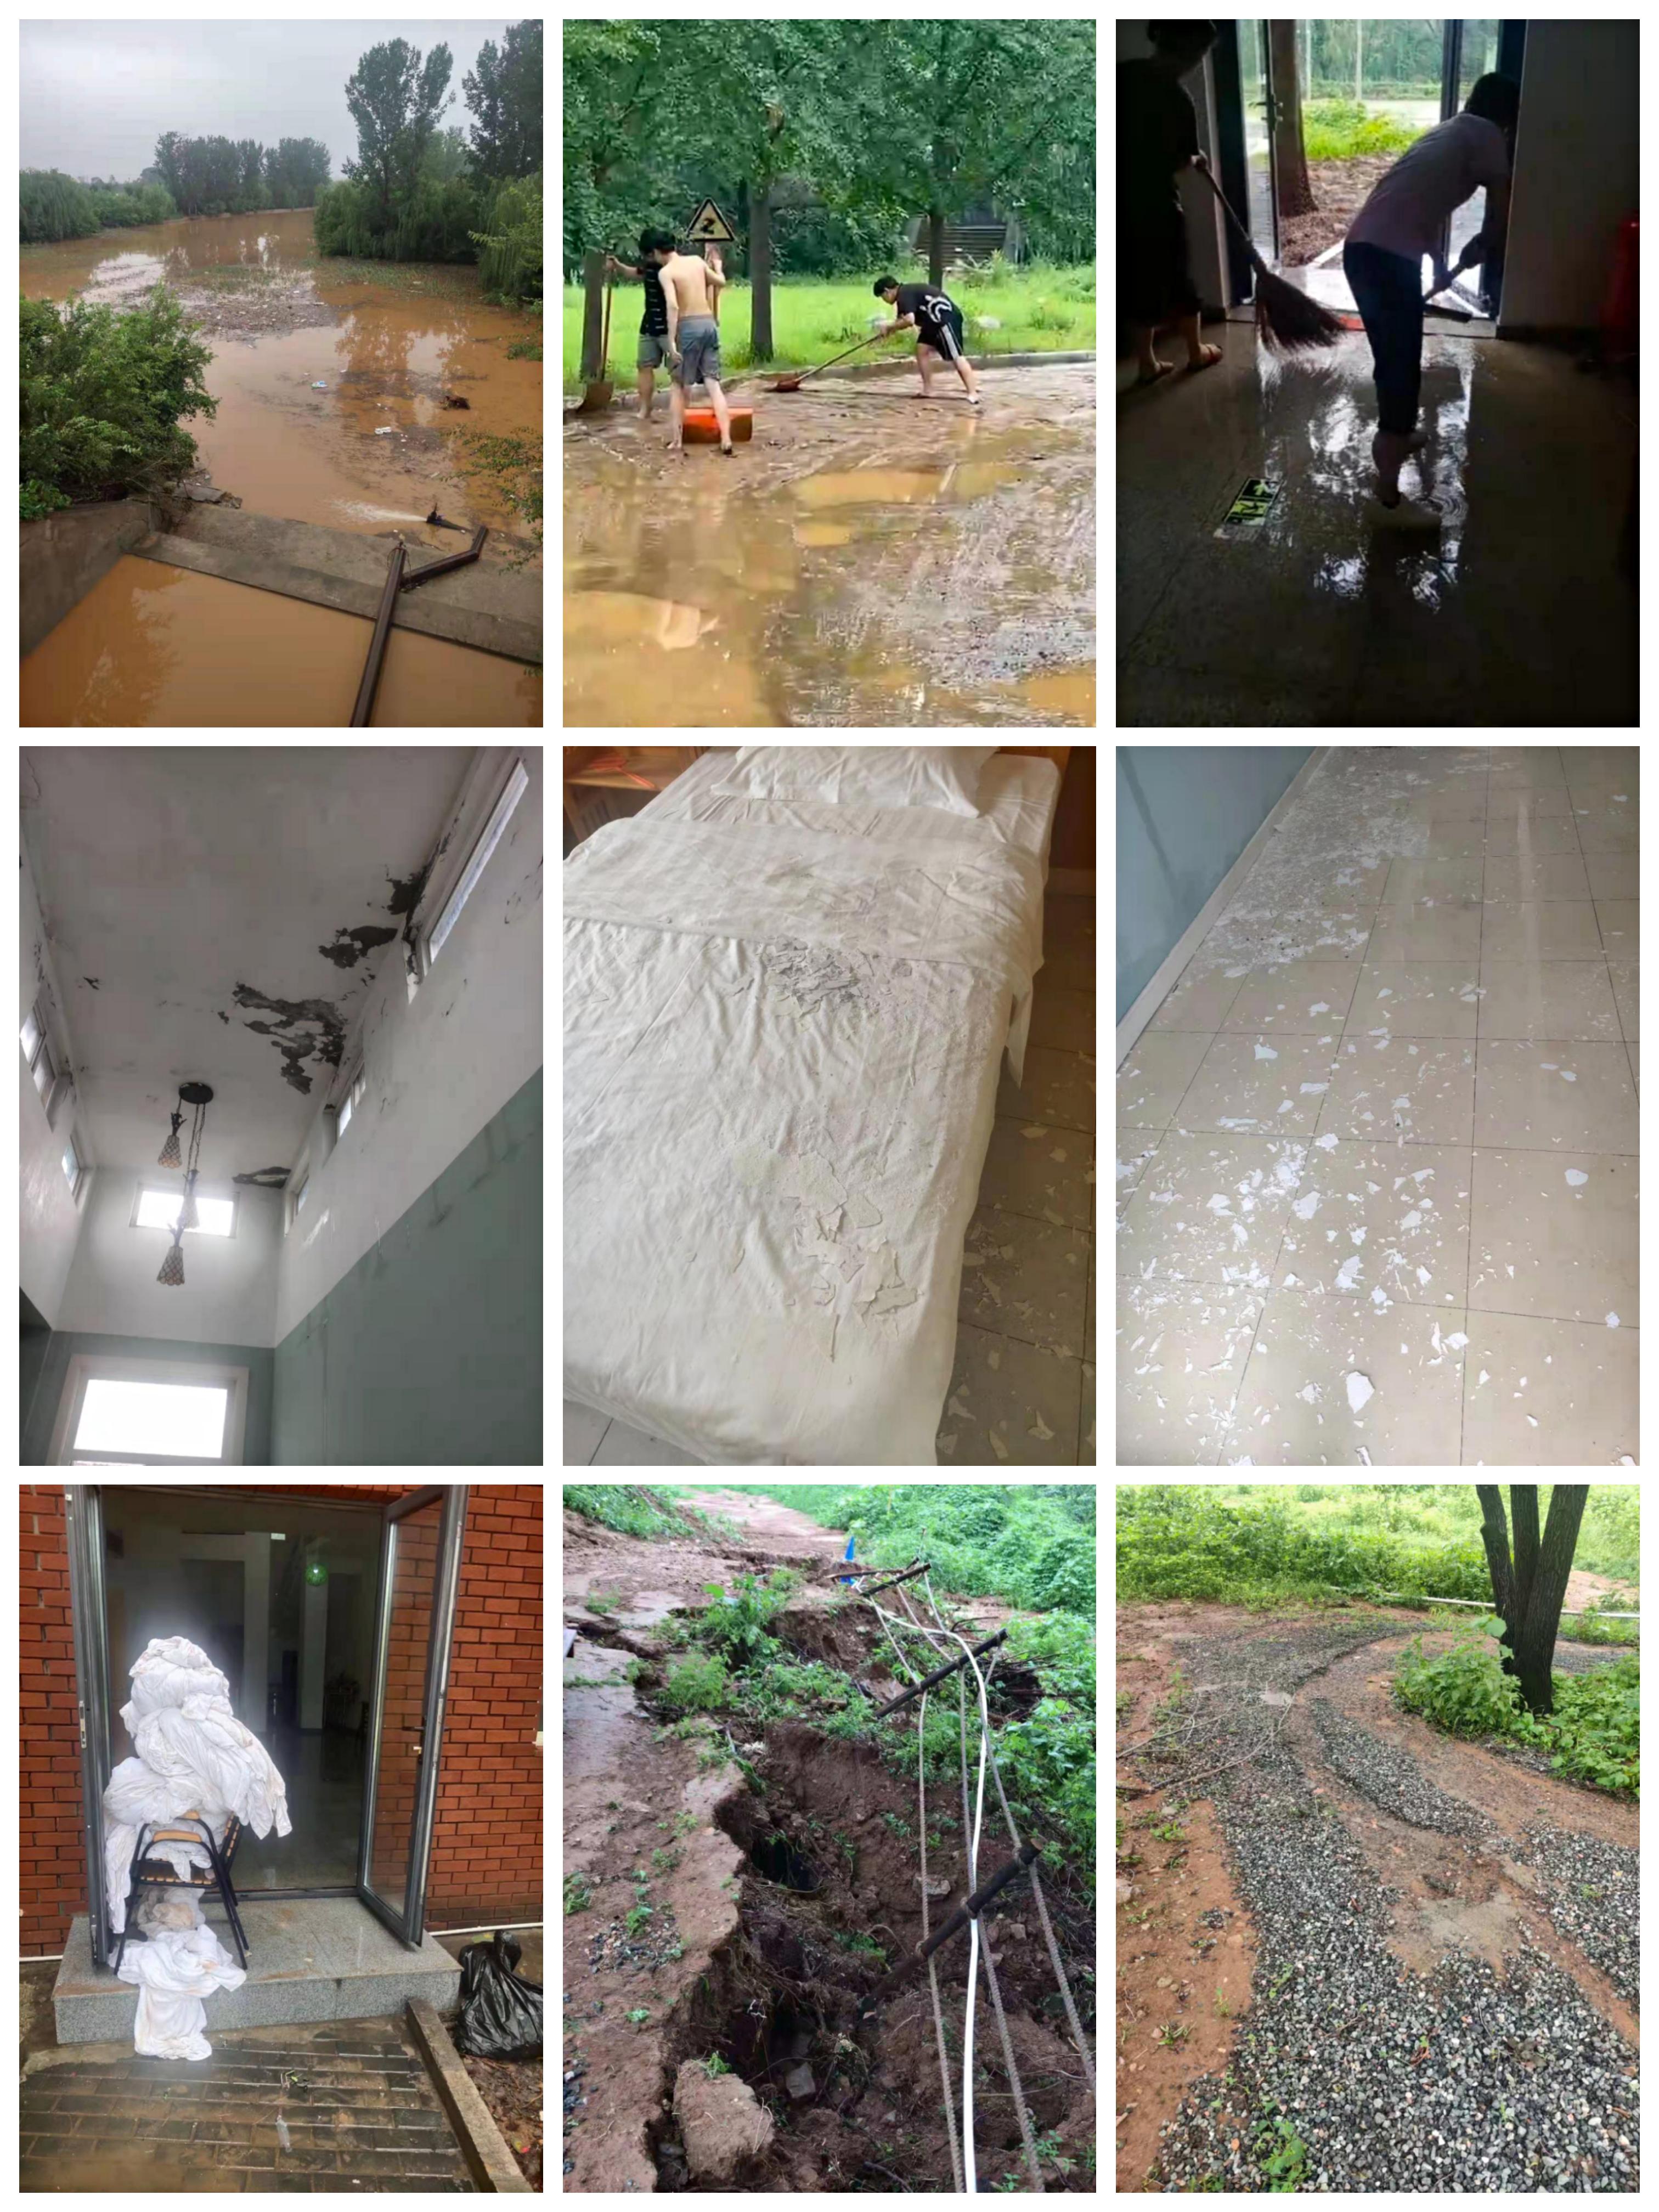 安利隆山庄遭遇7.12暴雨袭击 生产生活恢复工作正稳步推进